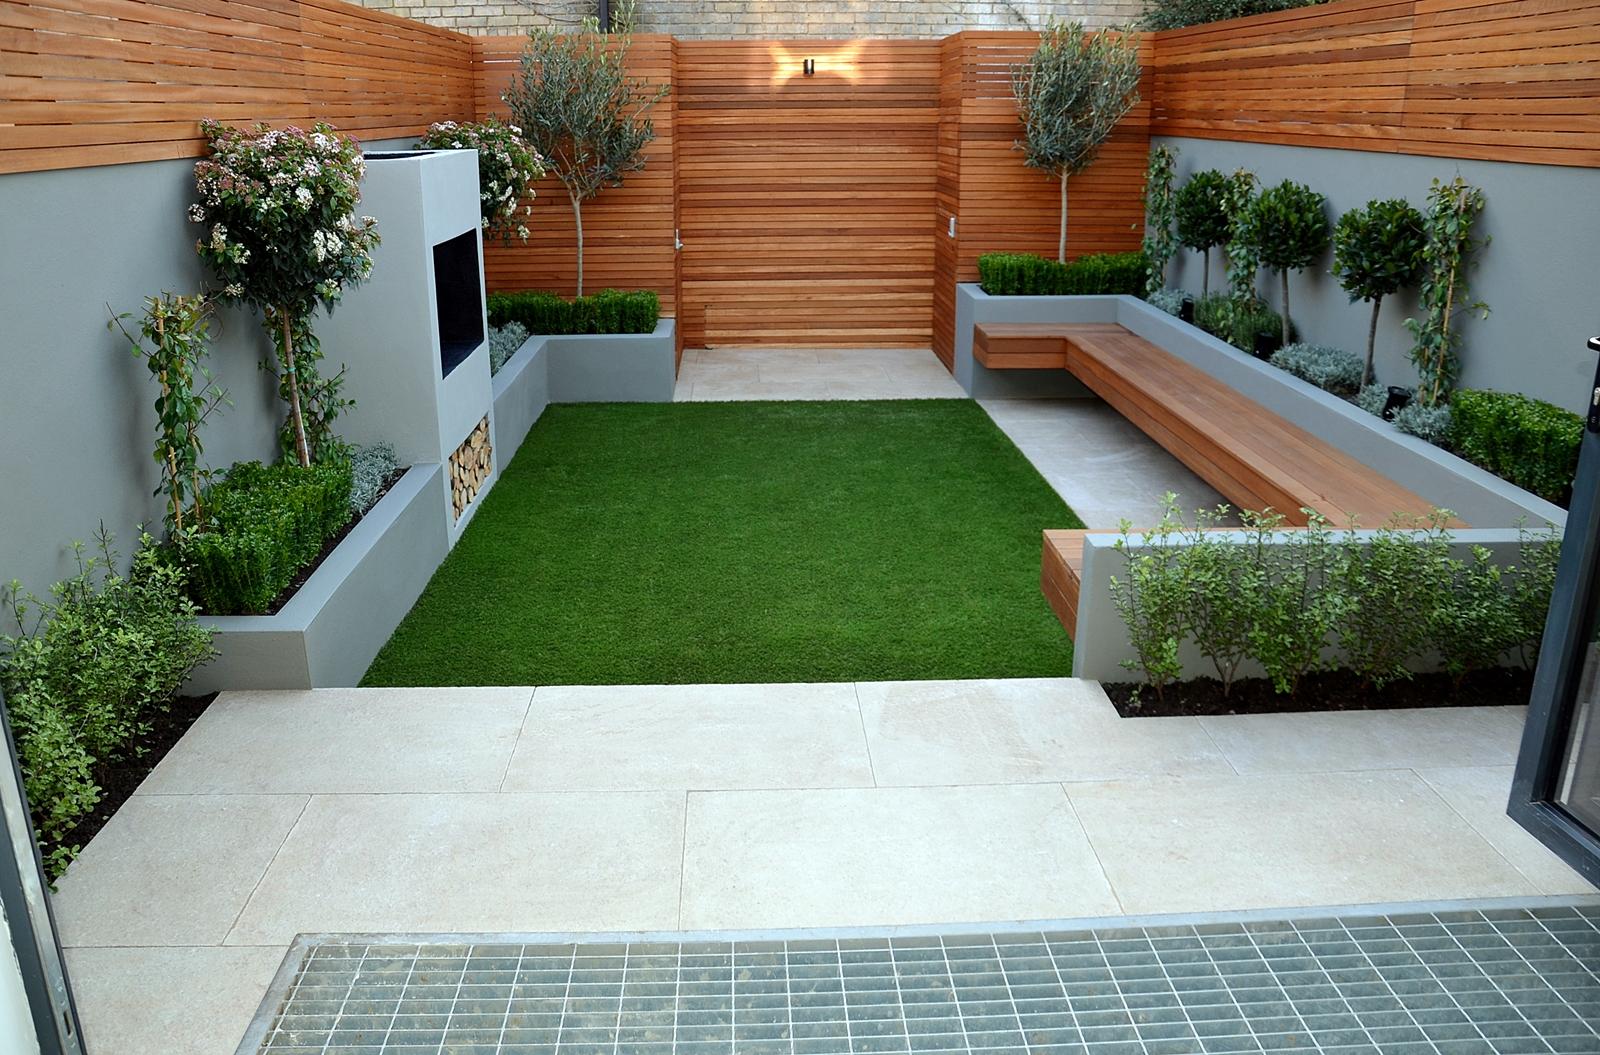 decorating garden ideas melbourne - Garden Ideas Melbourne